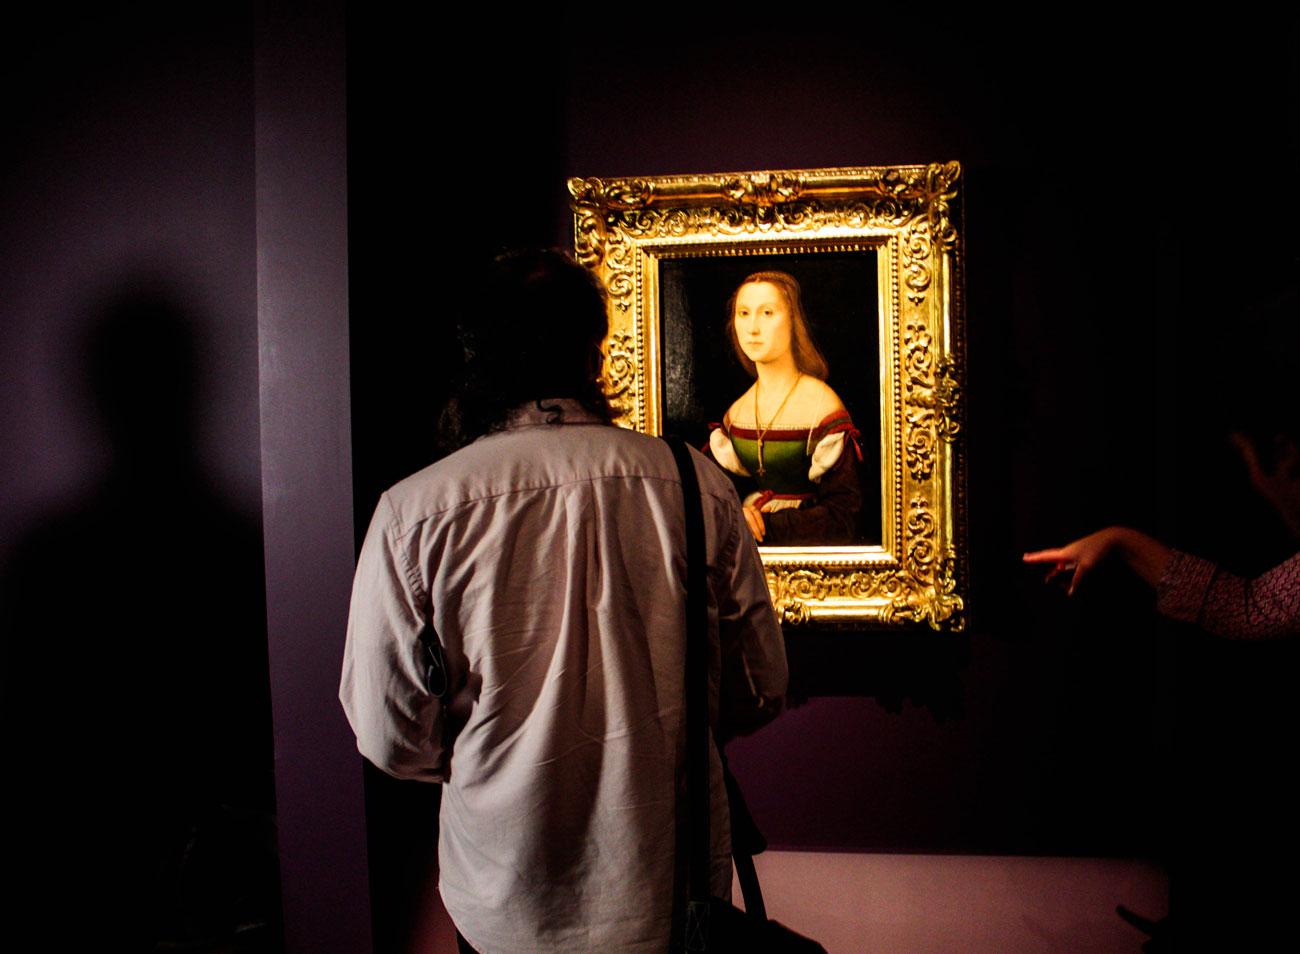 Il museo Pushkin ospiterà anche l'apertura di una mostra su Piranesi, incisore, architetto e teorico dell'architettura italiana